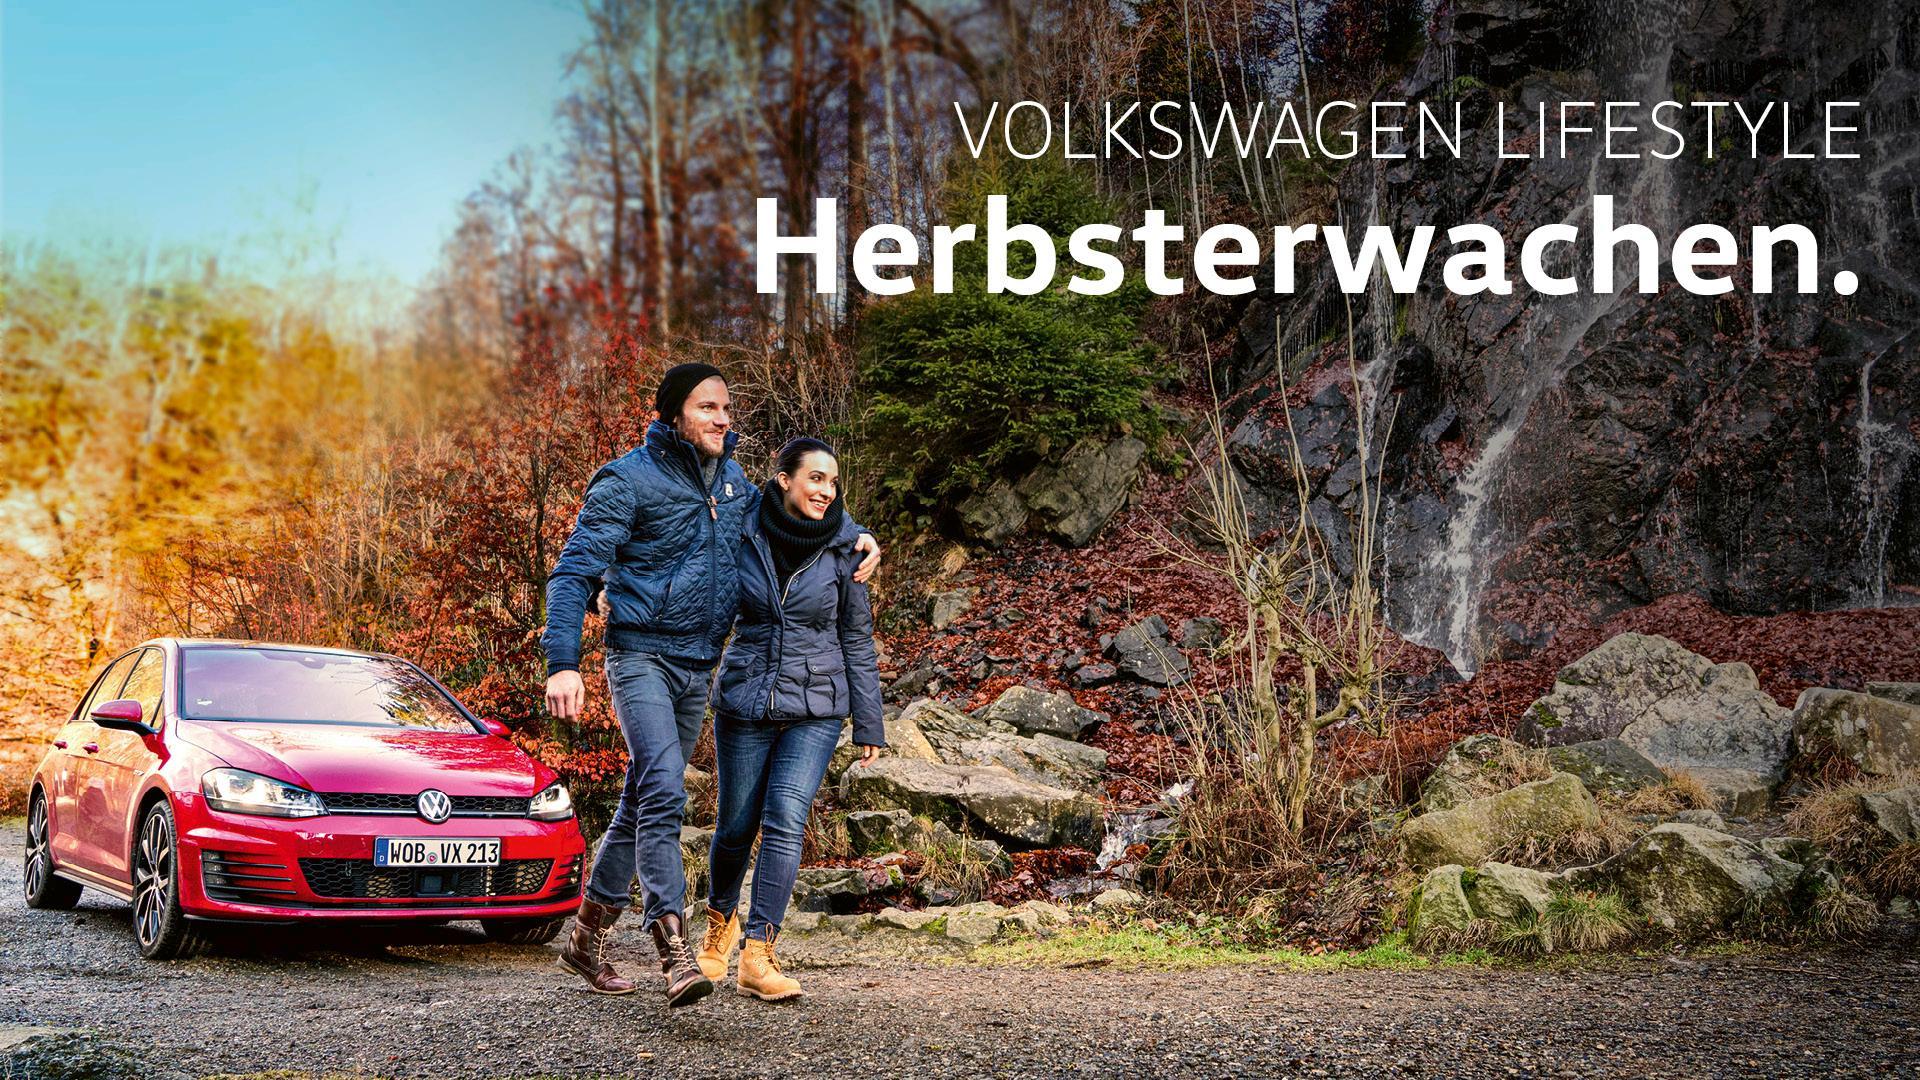 Herbsterwachen: Volkswagen Aktionen – Zubehör, Ersatzteile, Service & Räder